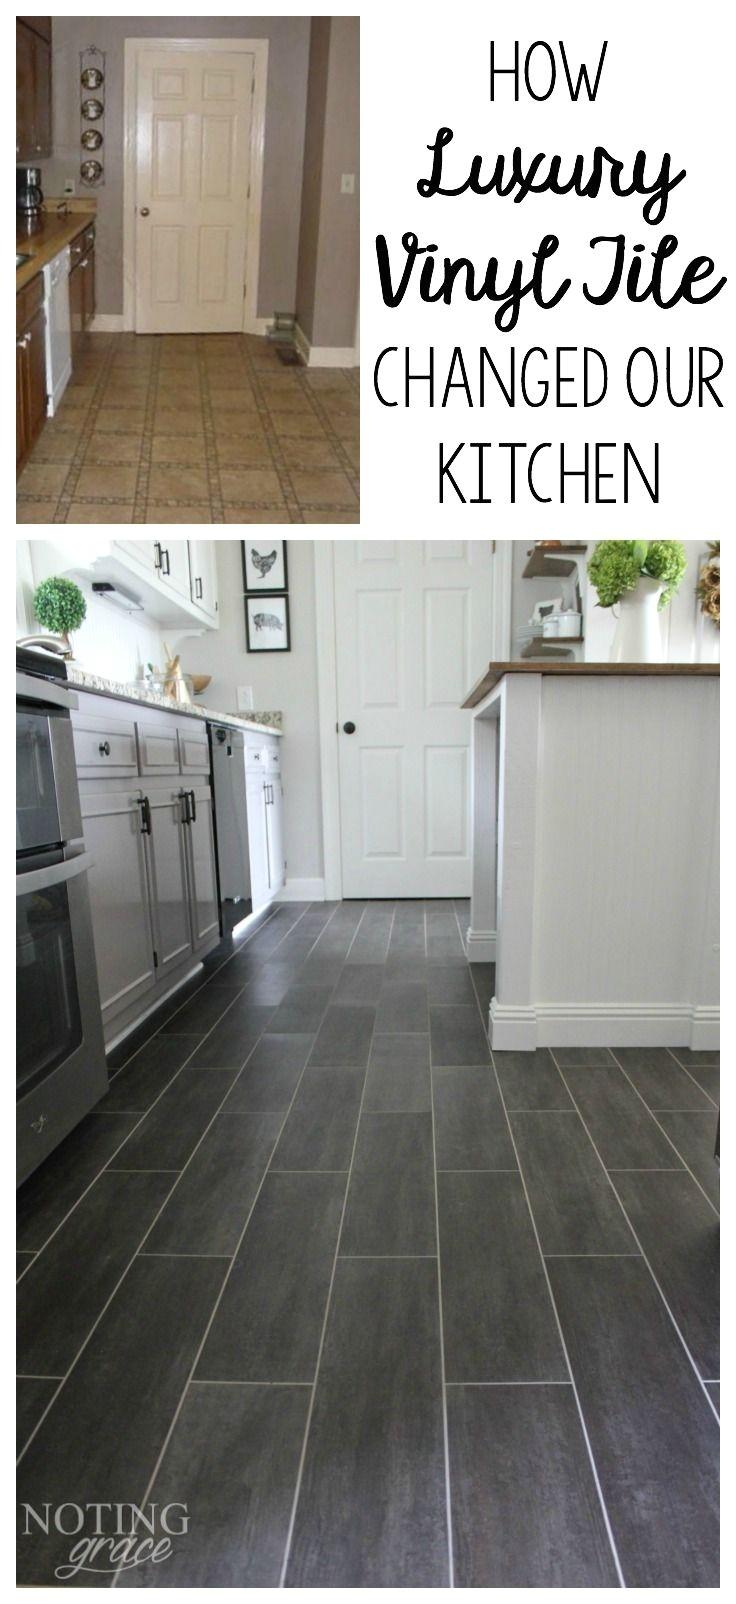 Commercial asphalt Floor Tile Diy Kitchen Flooring Pinterest Luxury Vinyl Tile Vinyl Tiles